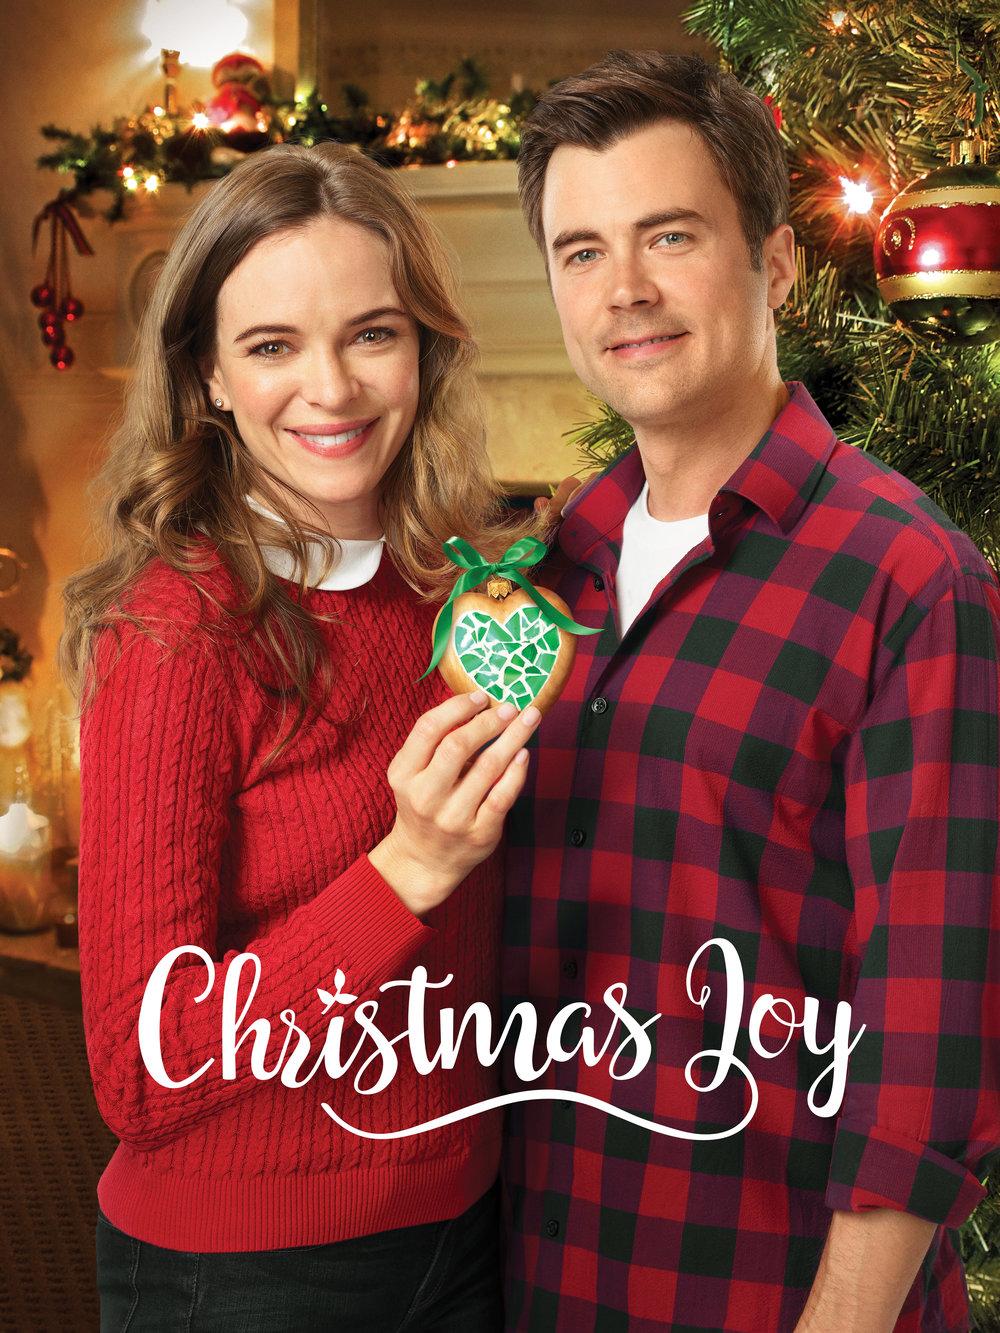 ChristmasJoy_FKA.jpg